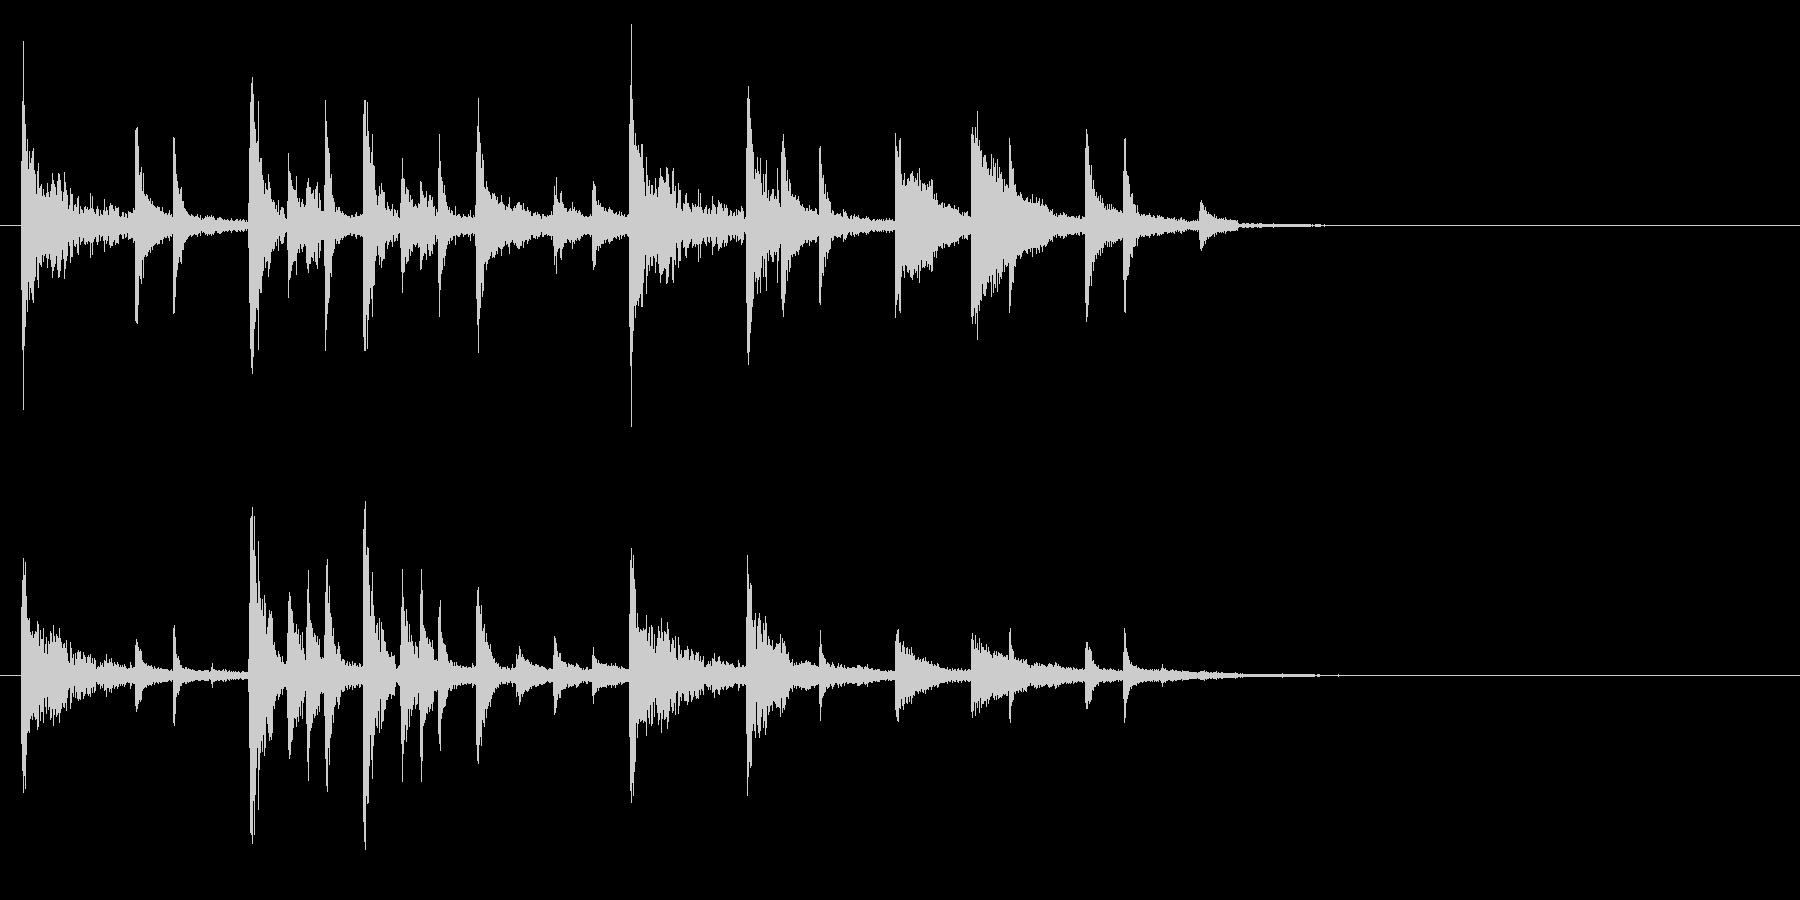 リズミカルな転換音 ドンチカチャリーンの未再生の波形